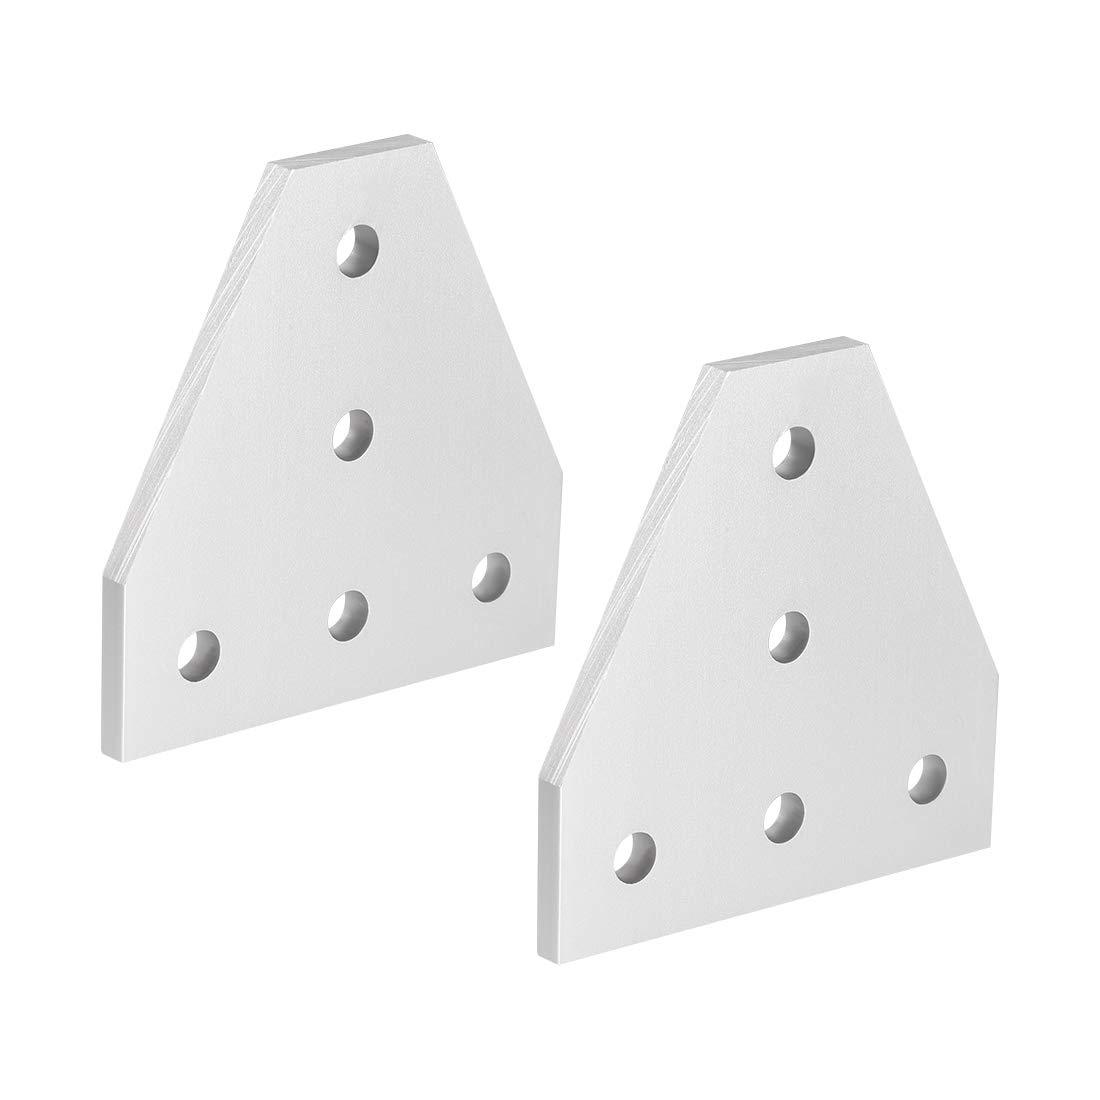 60 mm x 60 mm x 4 mm con soporte de junta de 5 agujeros para perfil de aluminio 2020 Placa de uni/ón exterior en forma de T de mapa de abastecimiento